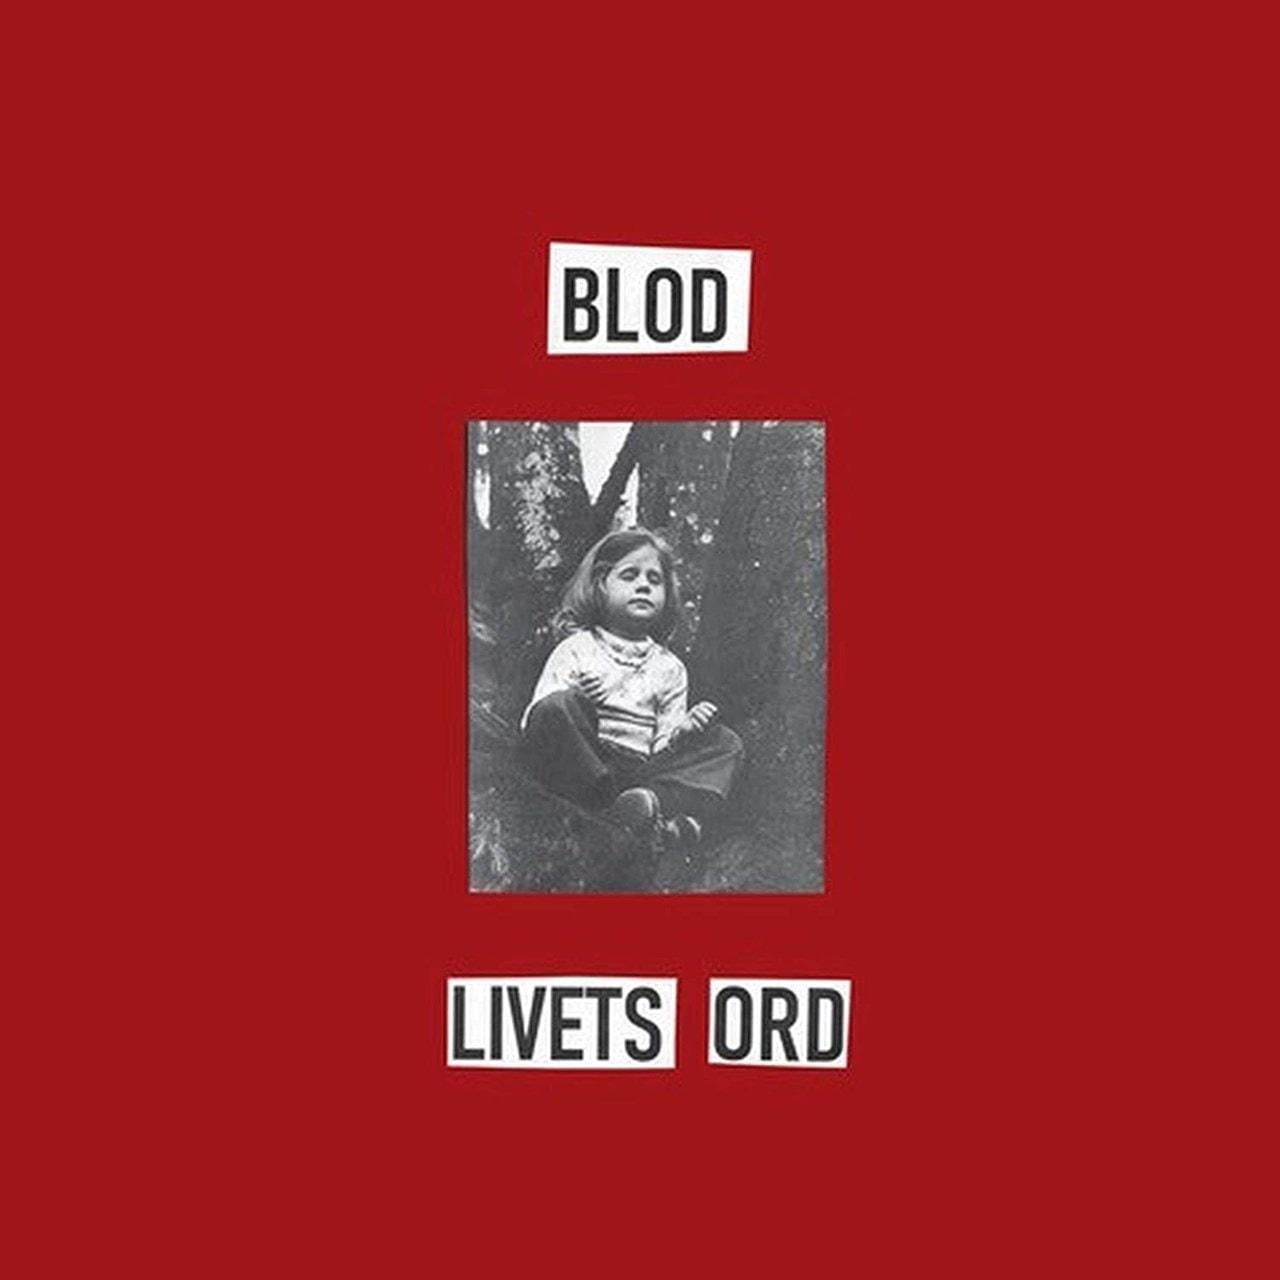 Livets Ord - 1